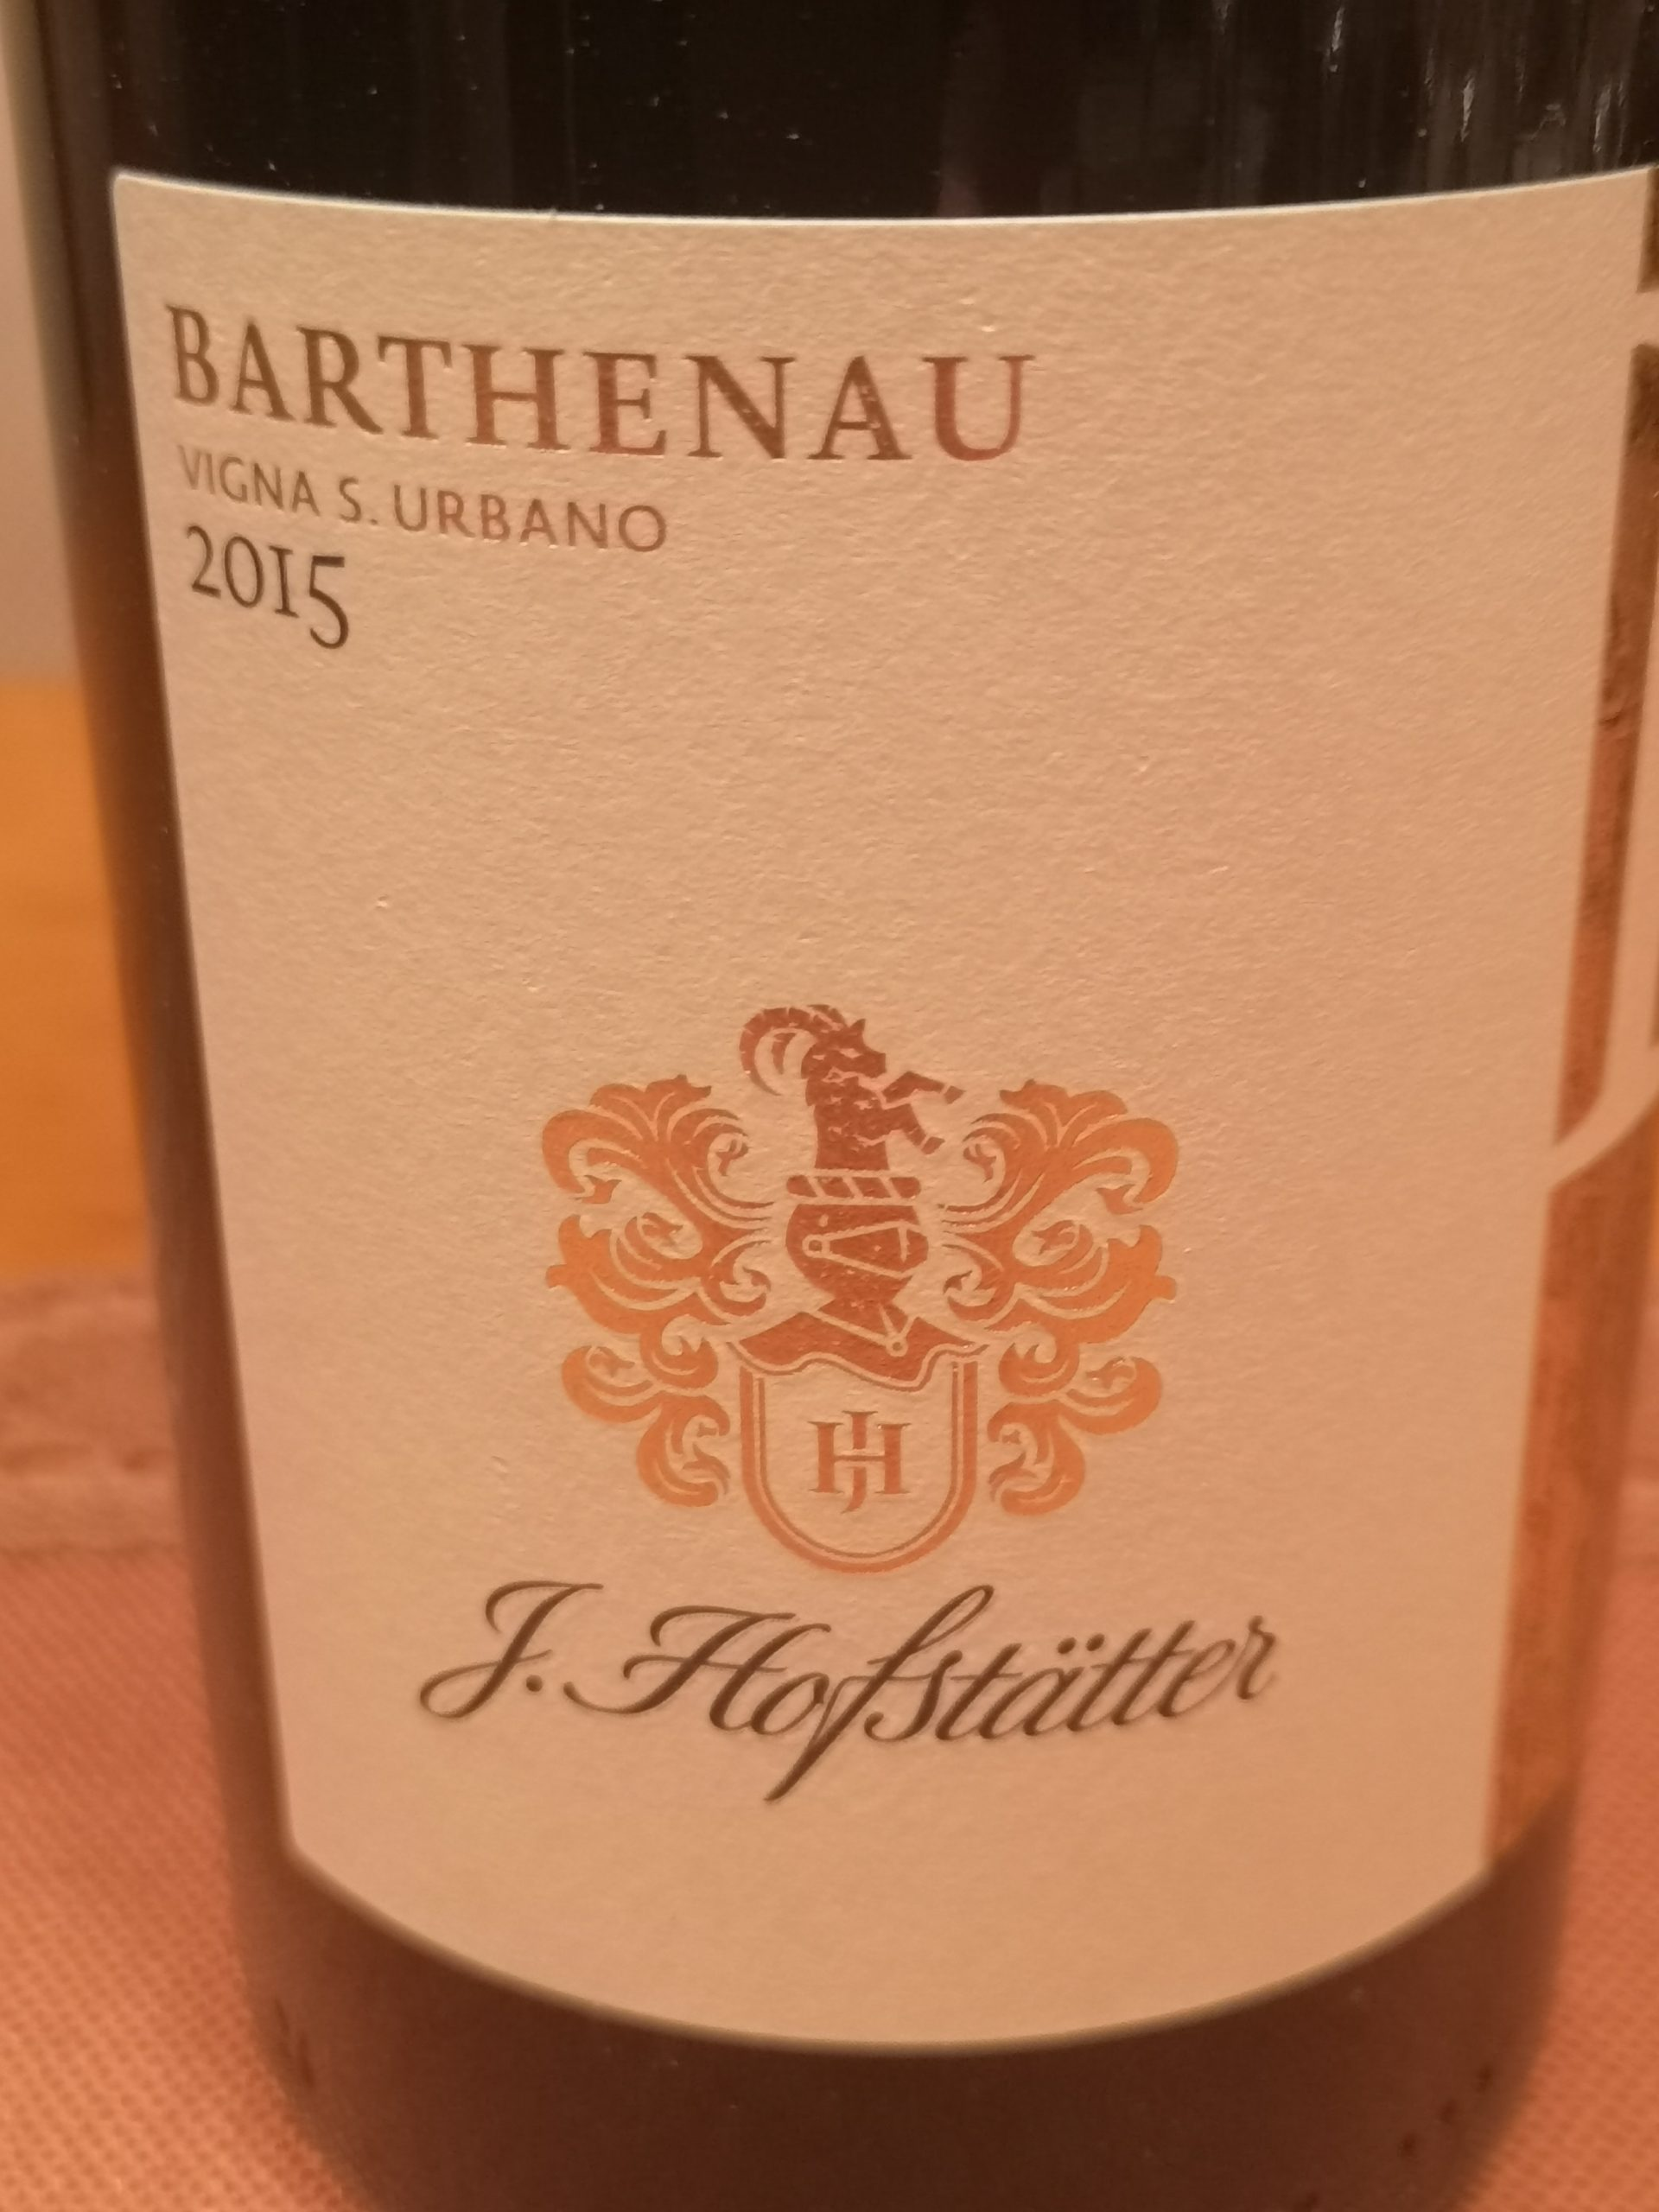 2015 Pinot Nero Barthenau Vigna S. Urbano | Hofstätter